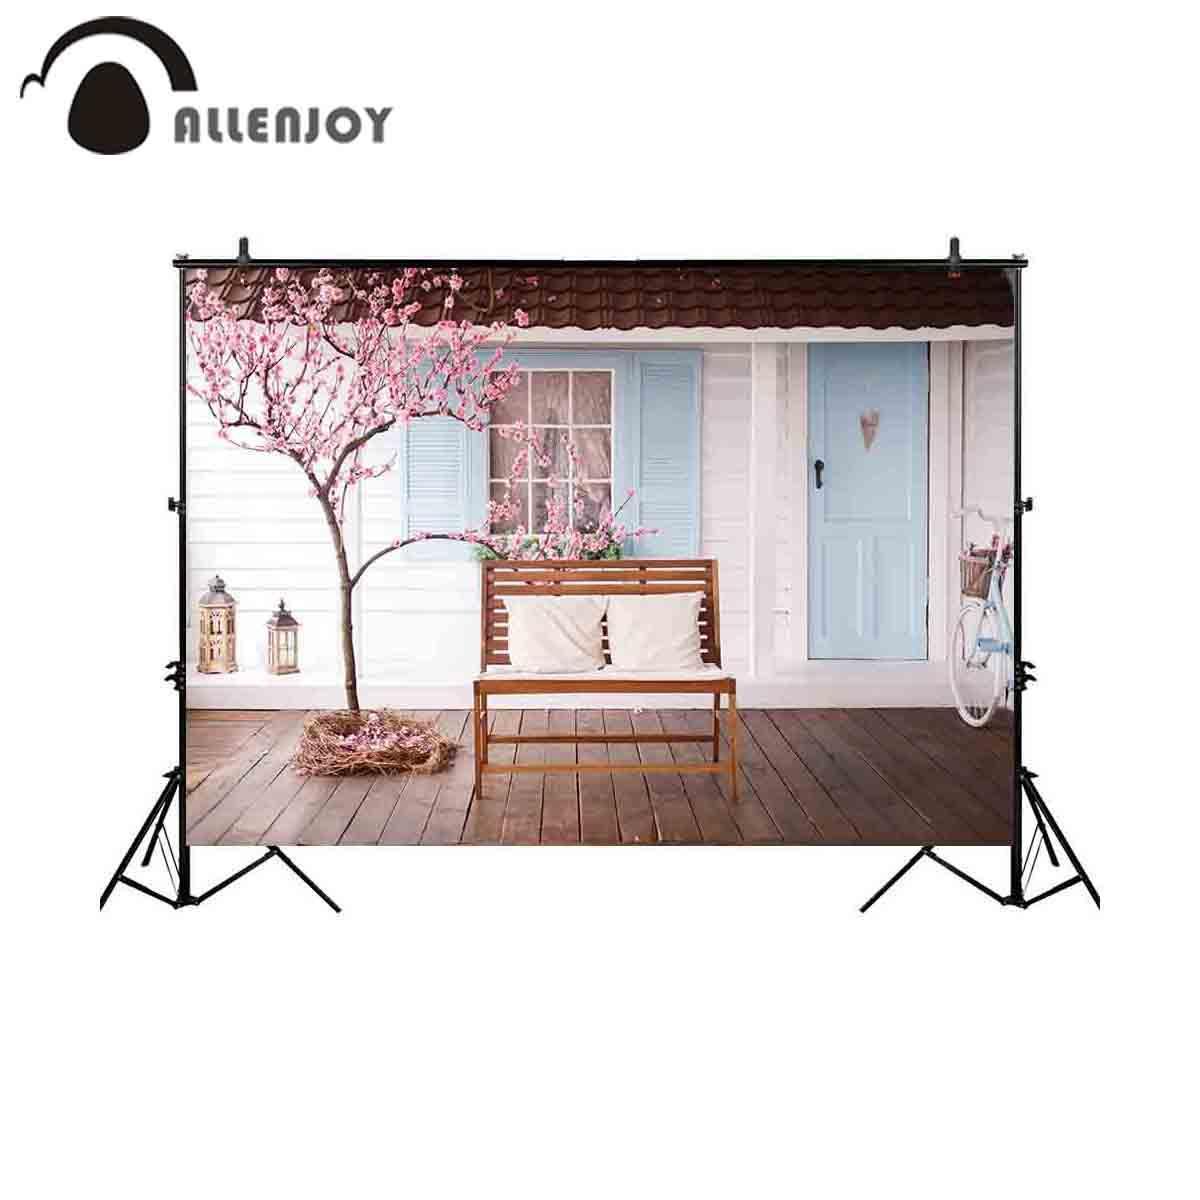 الجملة أزهار الكرز منزل خلفية للصور الاستوديو مقعد التصوير خلفية صورة المتصل photobooth التقطت الصور